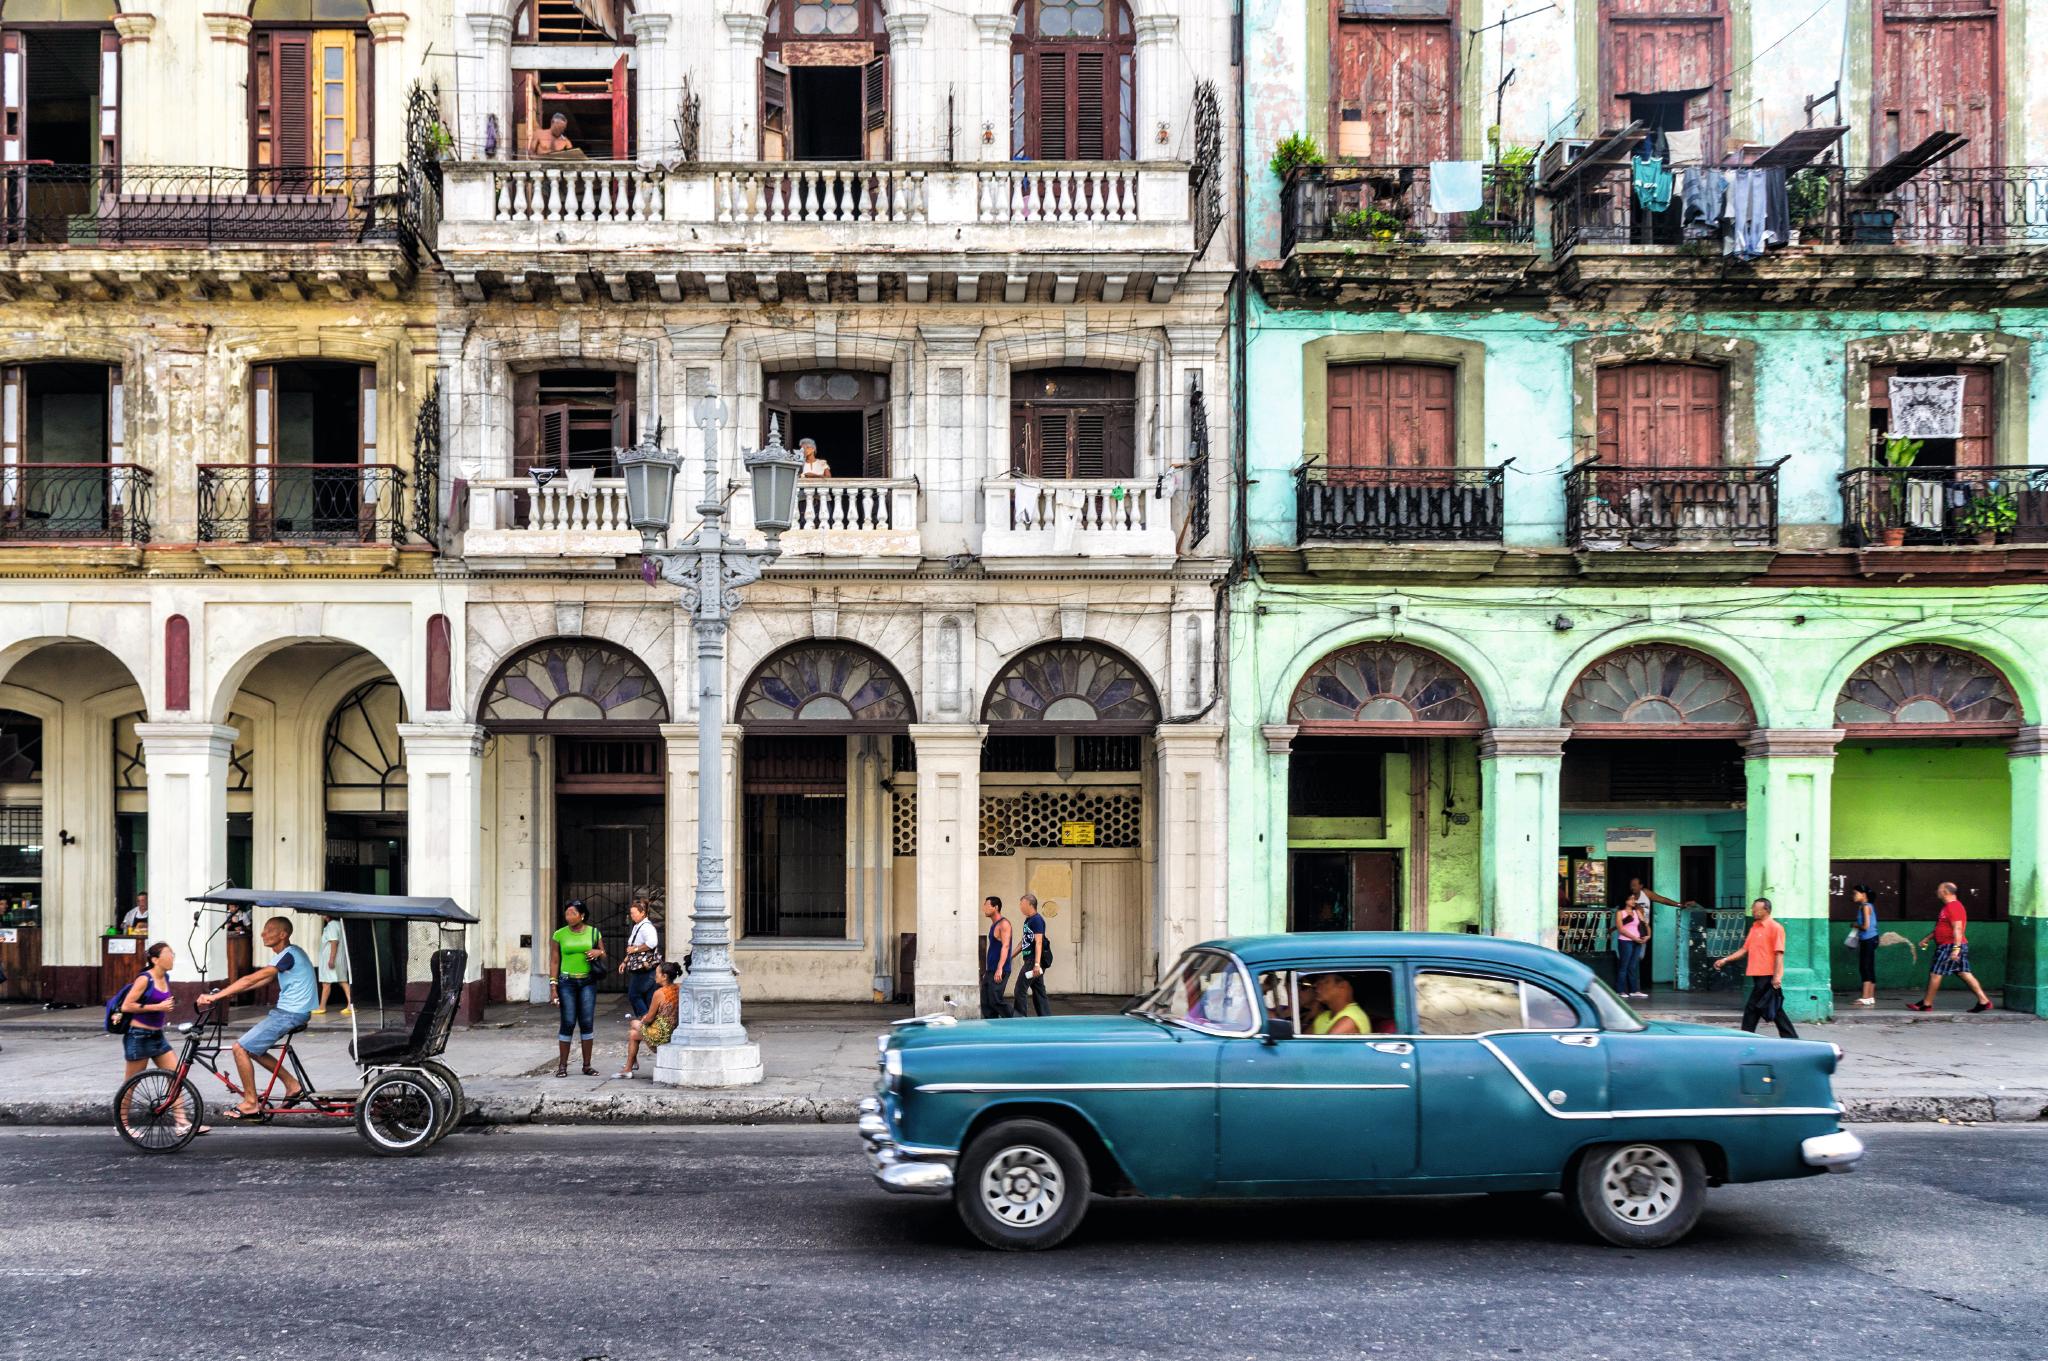 Kuba havanna oldtimer.jpeg